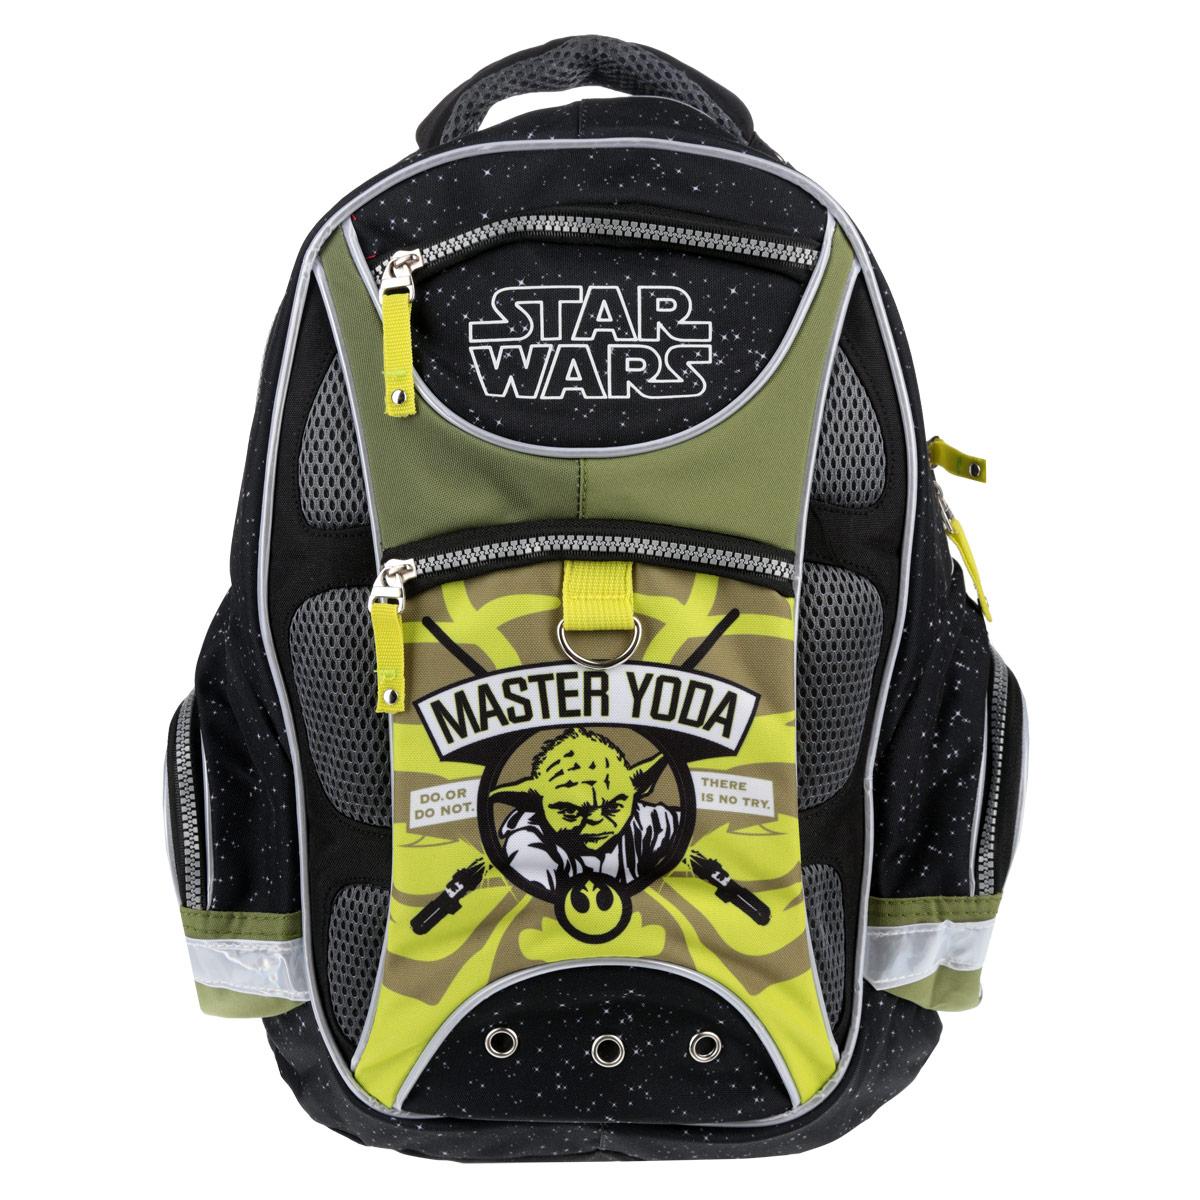 Рюкзак школьный Star Wars Master Yoda, цвет: черный, зеленый730396Рюкзак школьный Star Wars Master Yoda обязательно привлечет внимание вашего школьника. Рюкзак изготовлен из высококачественных и прочных материалов, дополнен изображением главного персонажа Звездных войн Йоды.Рюкзак содержит одно вместительное отделение на застежке-молнии с двумя бегунками. Внутри отделения расположен прорезной карман на молнии, а также четыре открытых кармана, карман-сетка на молнии и отделение для мобильного телефона, закрывающееся клапаном на липучке. На лицевой стороне находятся два прорезных кармана на застежке-молнии. По бокам рюкзака расположены два накладных кармана на молнии. Конструкция спинки дополнена эргономичными подушечками, противоскользящей сеточкой и системой вентиляции для предотвращения запотевания спины ребенка. Мягкие широкие лямки позволяют легко и быстро отрегулировать рюкзак в соответствии с ростом. Рюкзак оснащен текстильной ручкой для удобной переноски в руке. Дно с пластиковыми ножками обеспечивает ранцу хорошую устойчивость и защиту от загрязнений. Светоотражающие элементы обеспечивают безопасность в темное время суток.Многофункциональный школьный рюкзак станет незаменимым спутником вашего ребенка в походах за знаниями.Рекомендуемый возраст: от 6 лет.